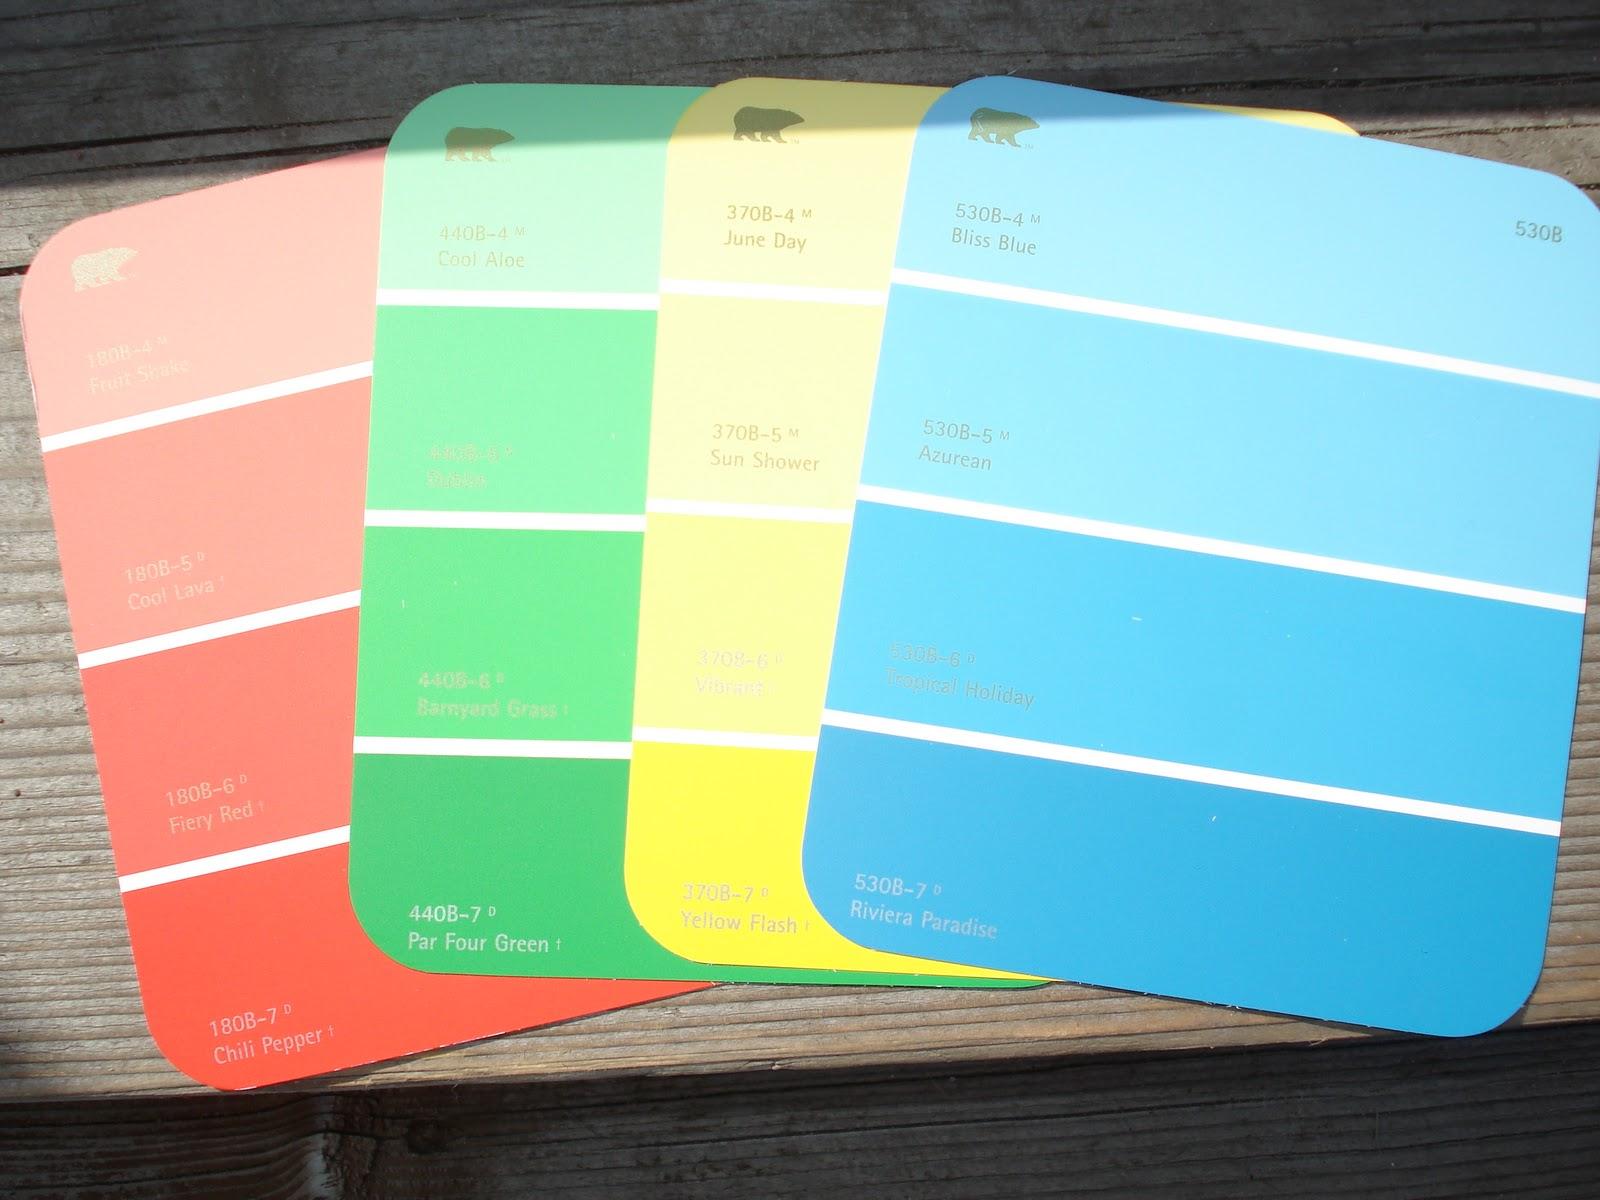 Karen 39 s ideas galore paint chip color match scavenger hunt for Paint color chips